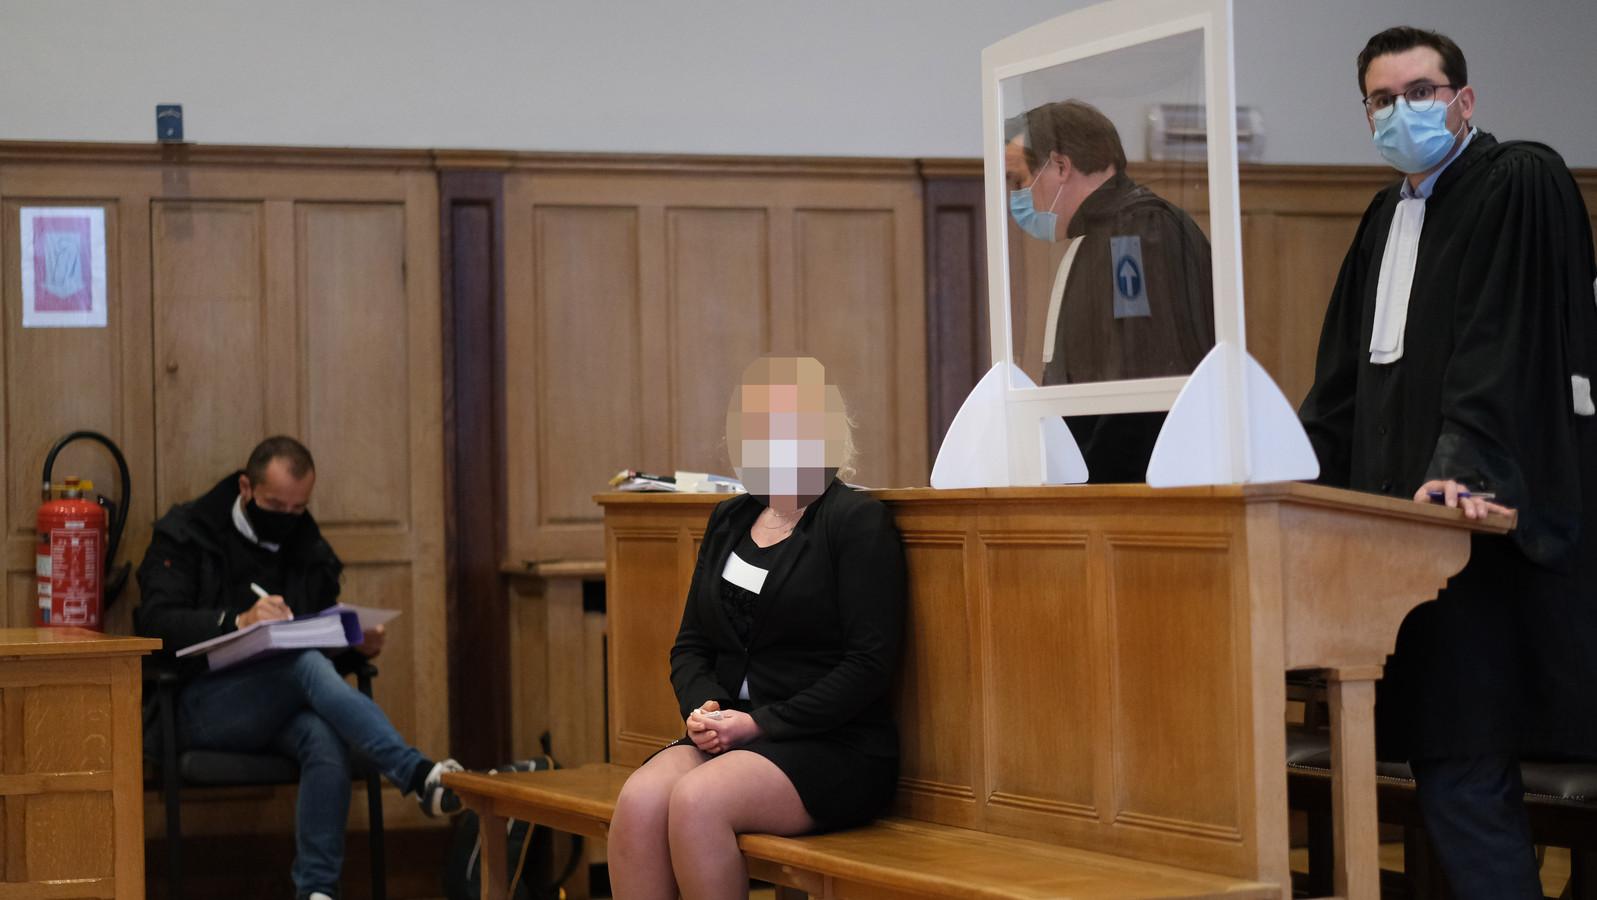 Summer A. presenteert zich in een keurig mantelpakje op haar proces na de schietpartij op haar liefdesrivale in Wielsbeke.